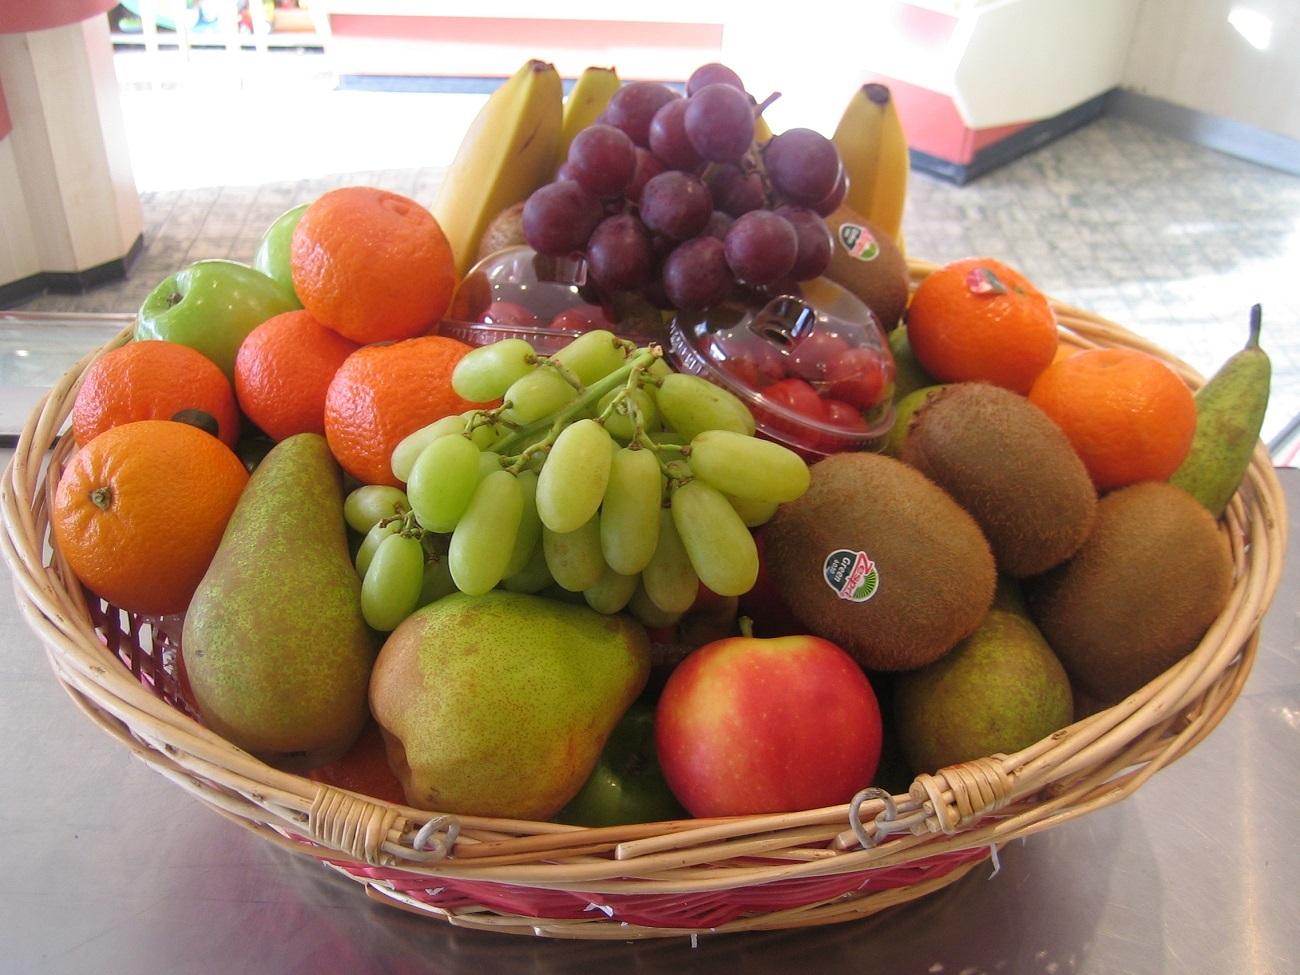 Fruit Op Kantoor : Fruit op kantoor laten leveren froot van land naar kantoor